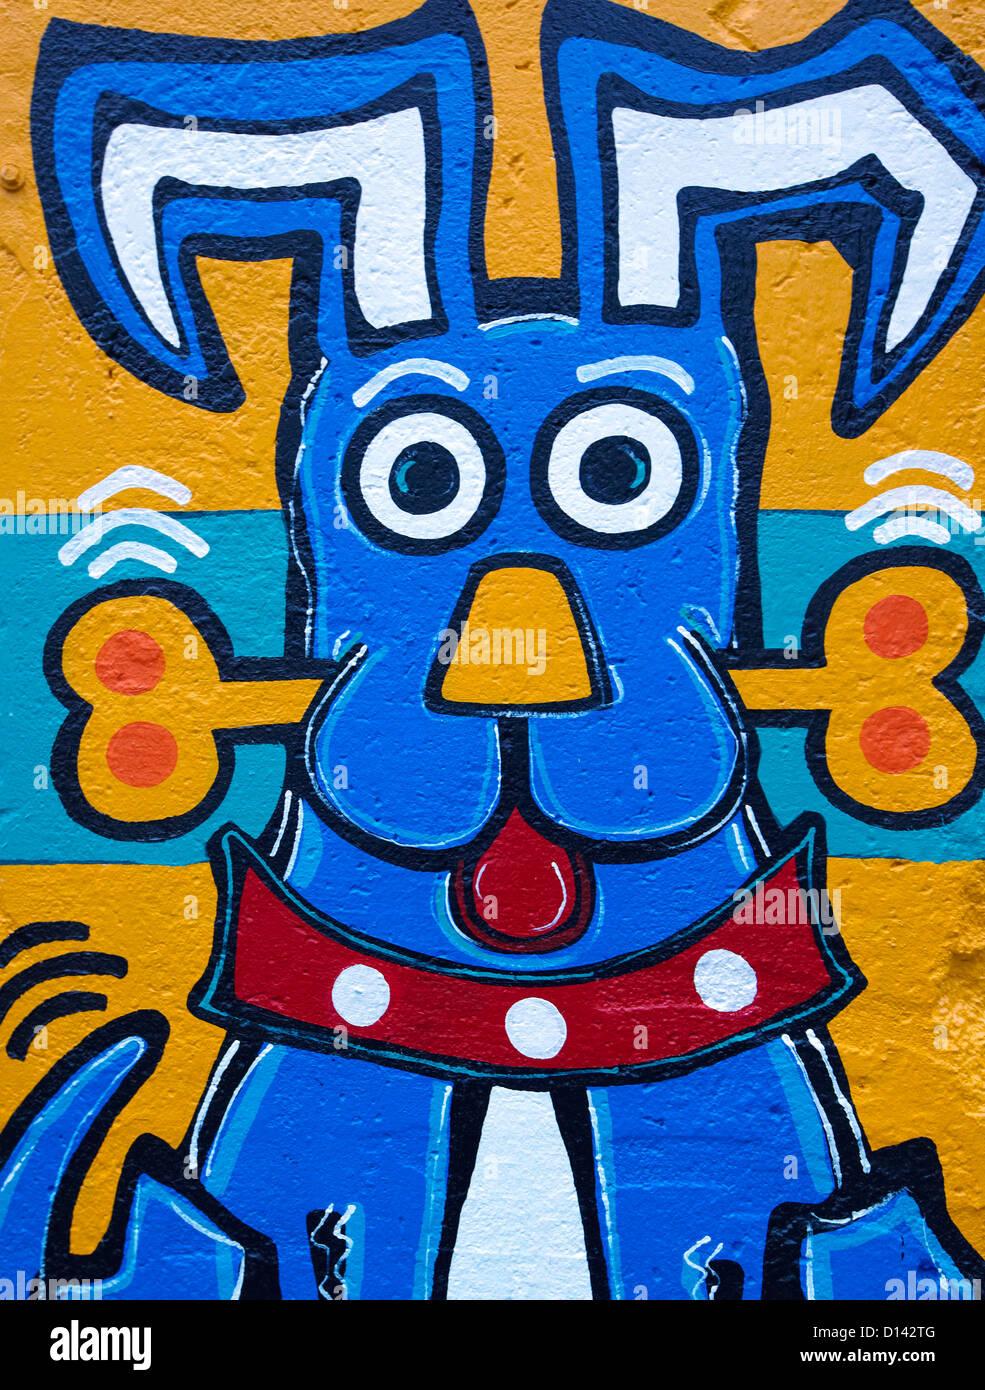 Cane con osso graffiti sul muro di Berlino Berlino Germania Immagini Stock